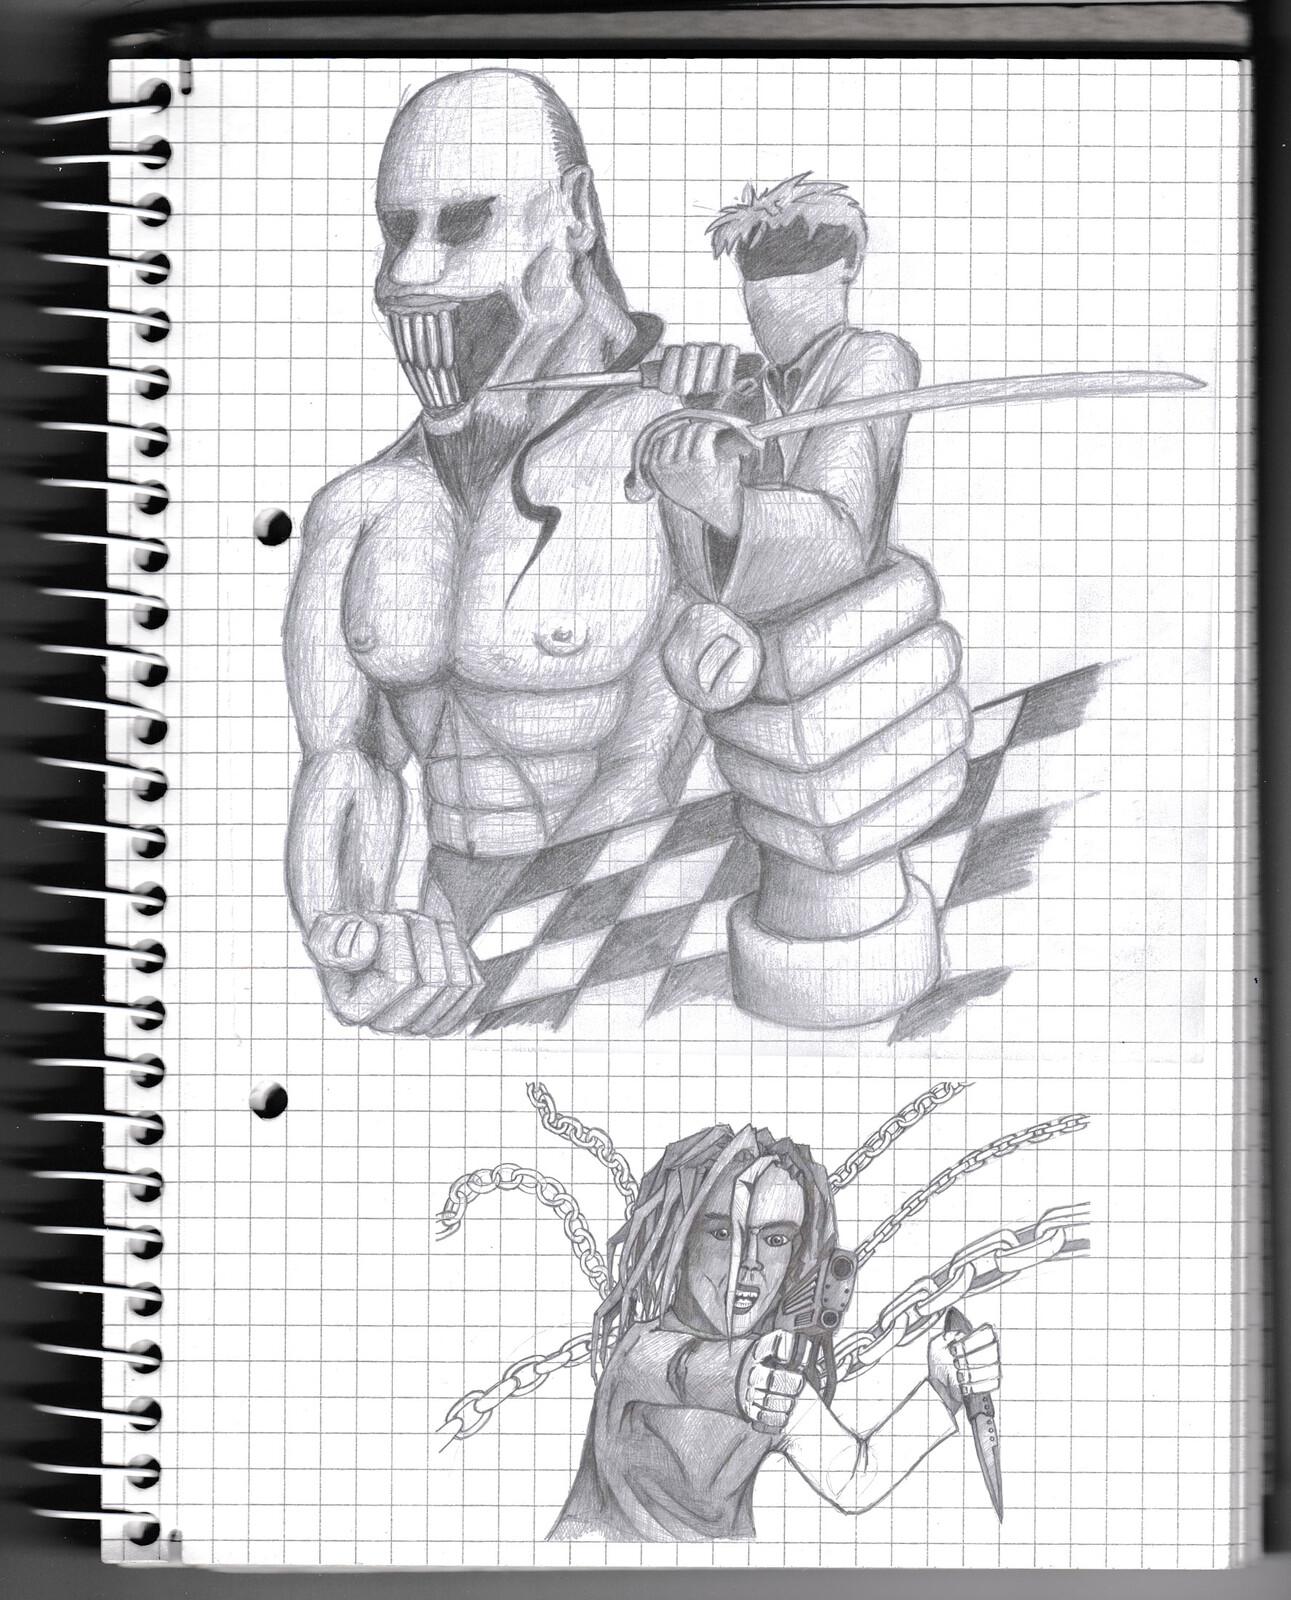 character, sketch, pencil, monster, creature, psychodelic, warrior,